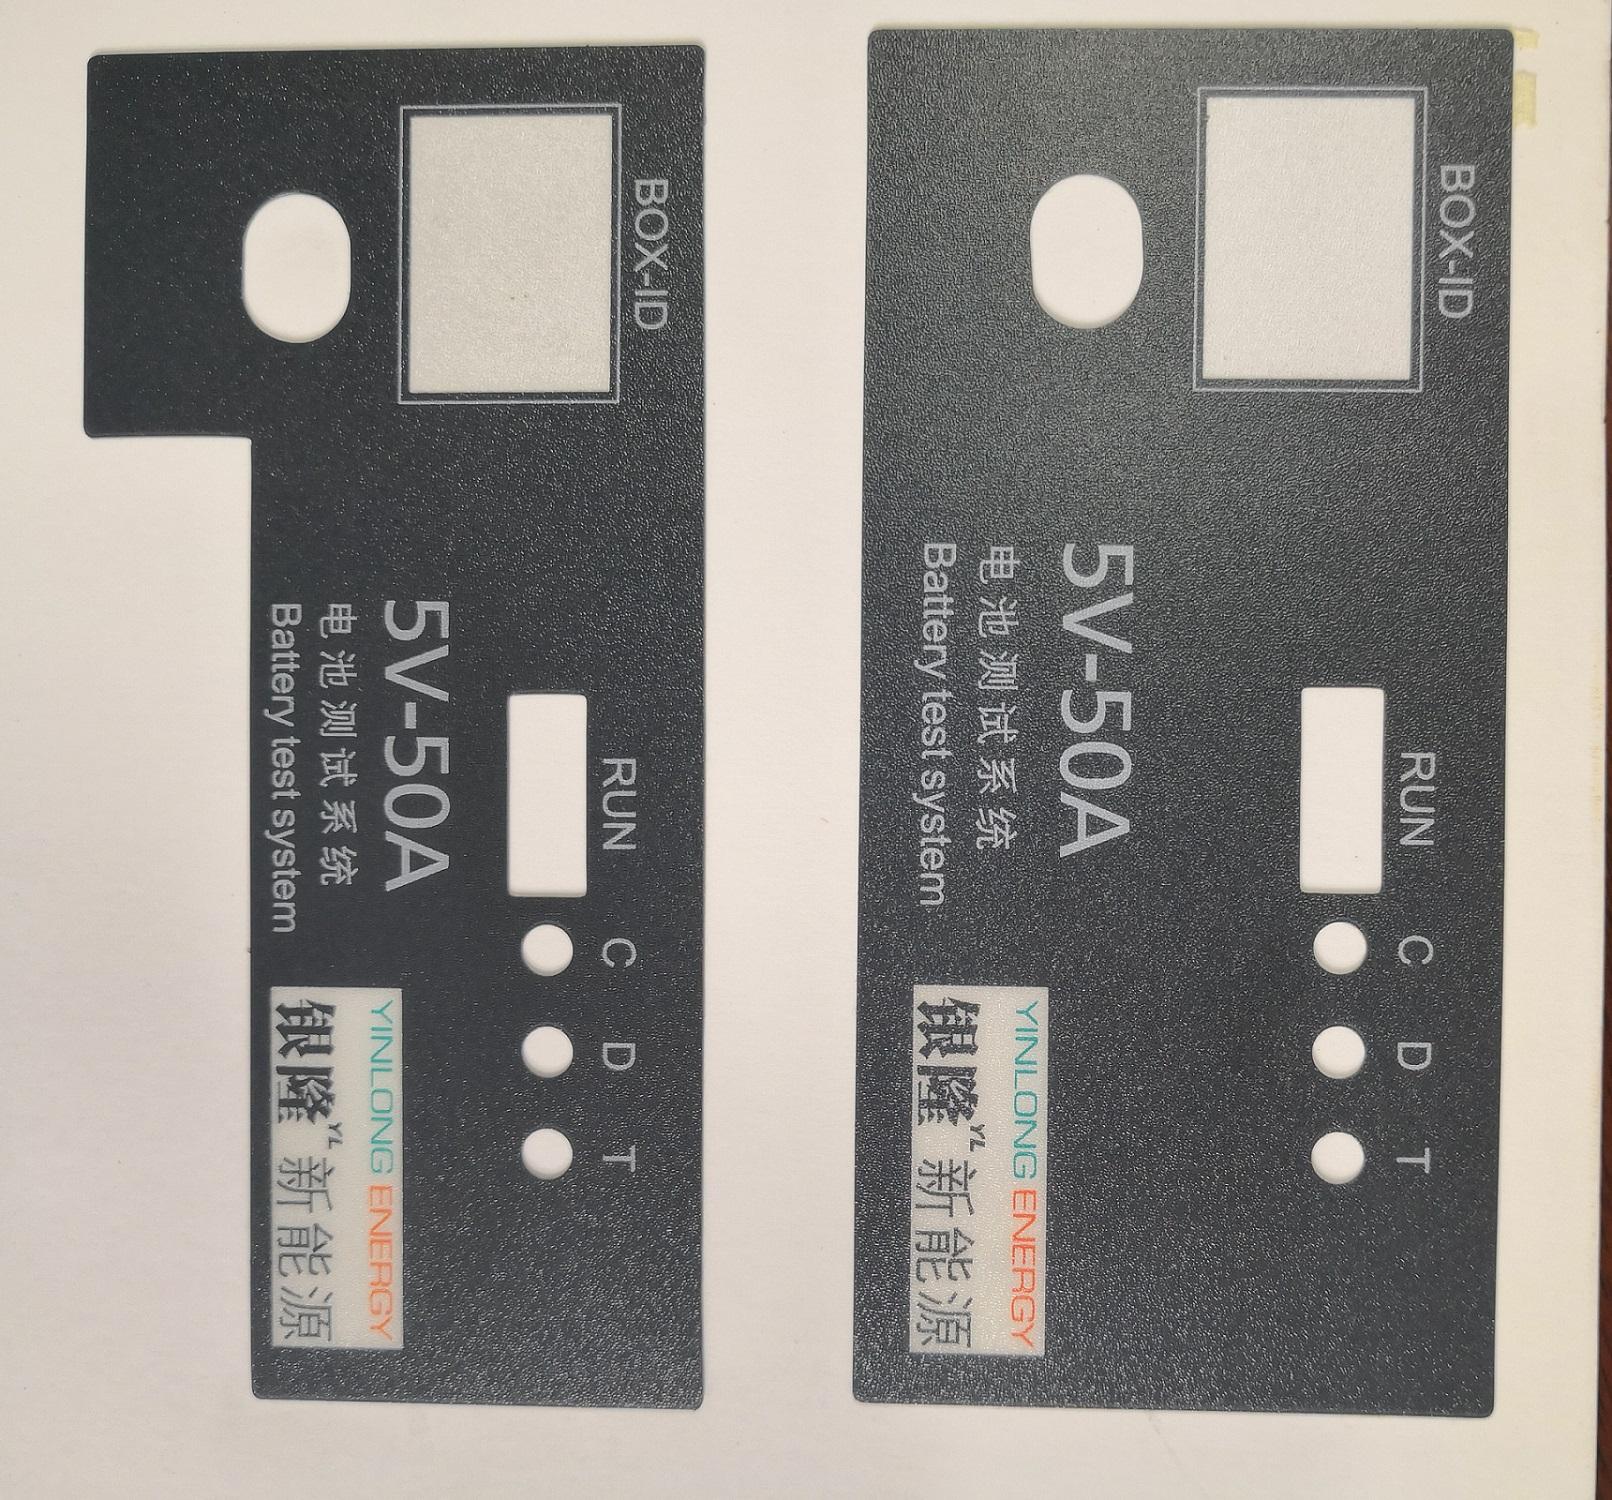 透明孔标签丝印印刷颜色清晰黑河